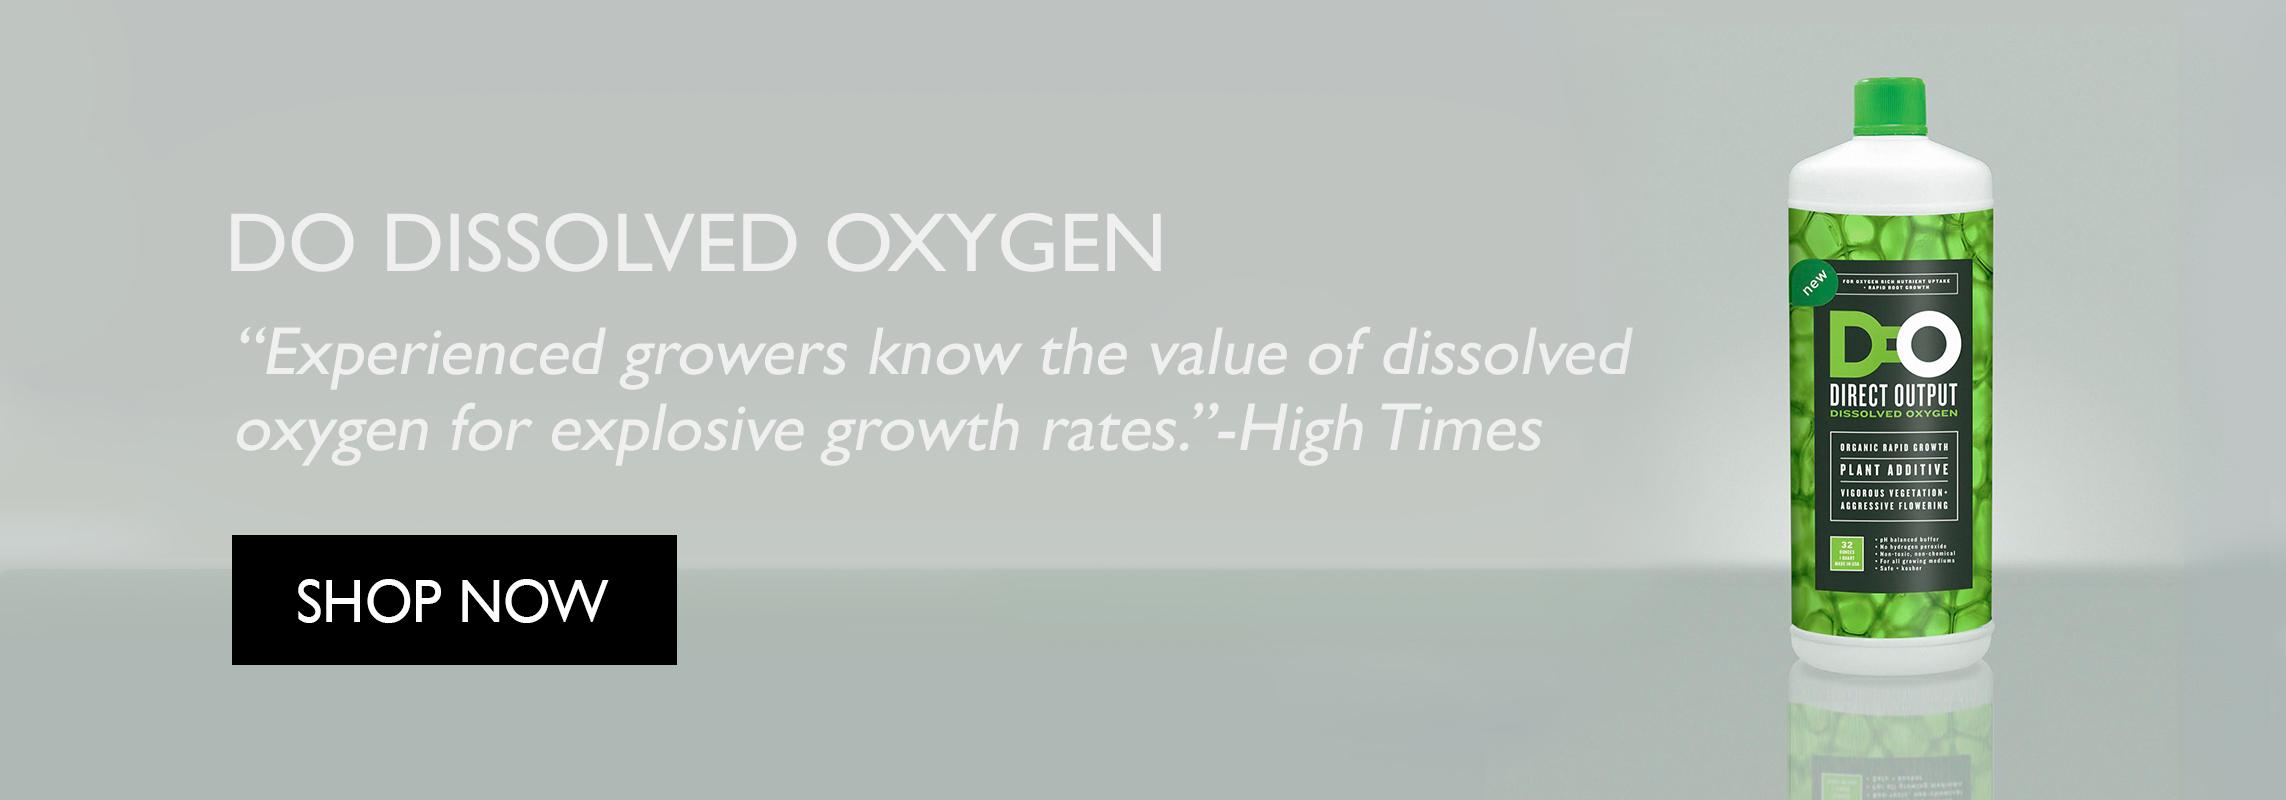 banner-do-dissolved-oxygen-plant2.jpg